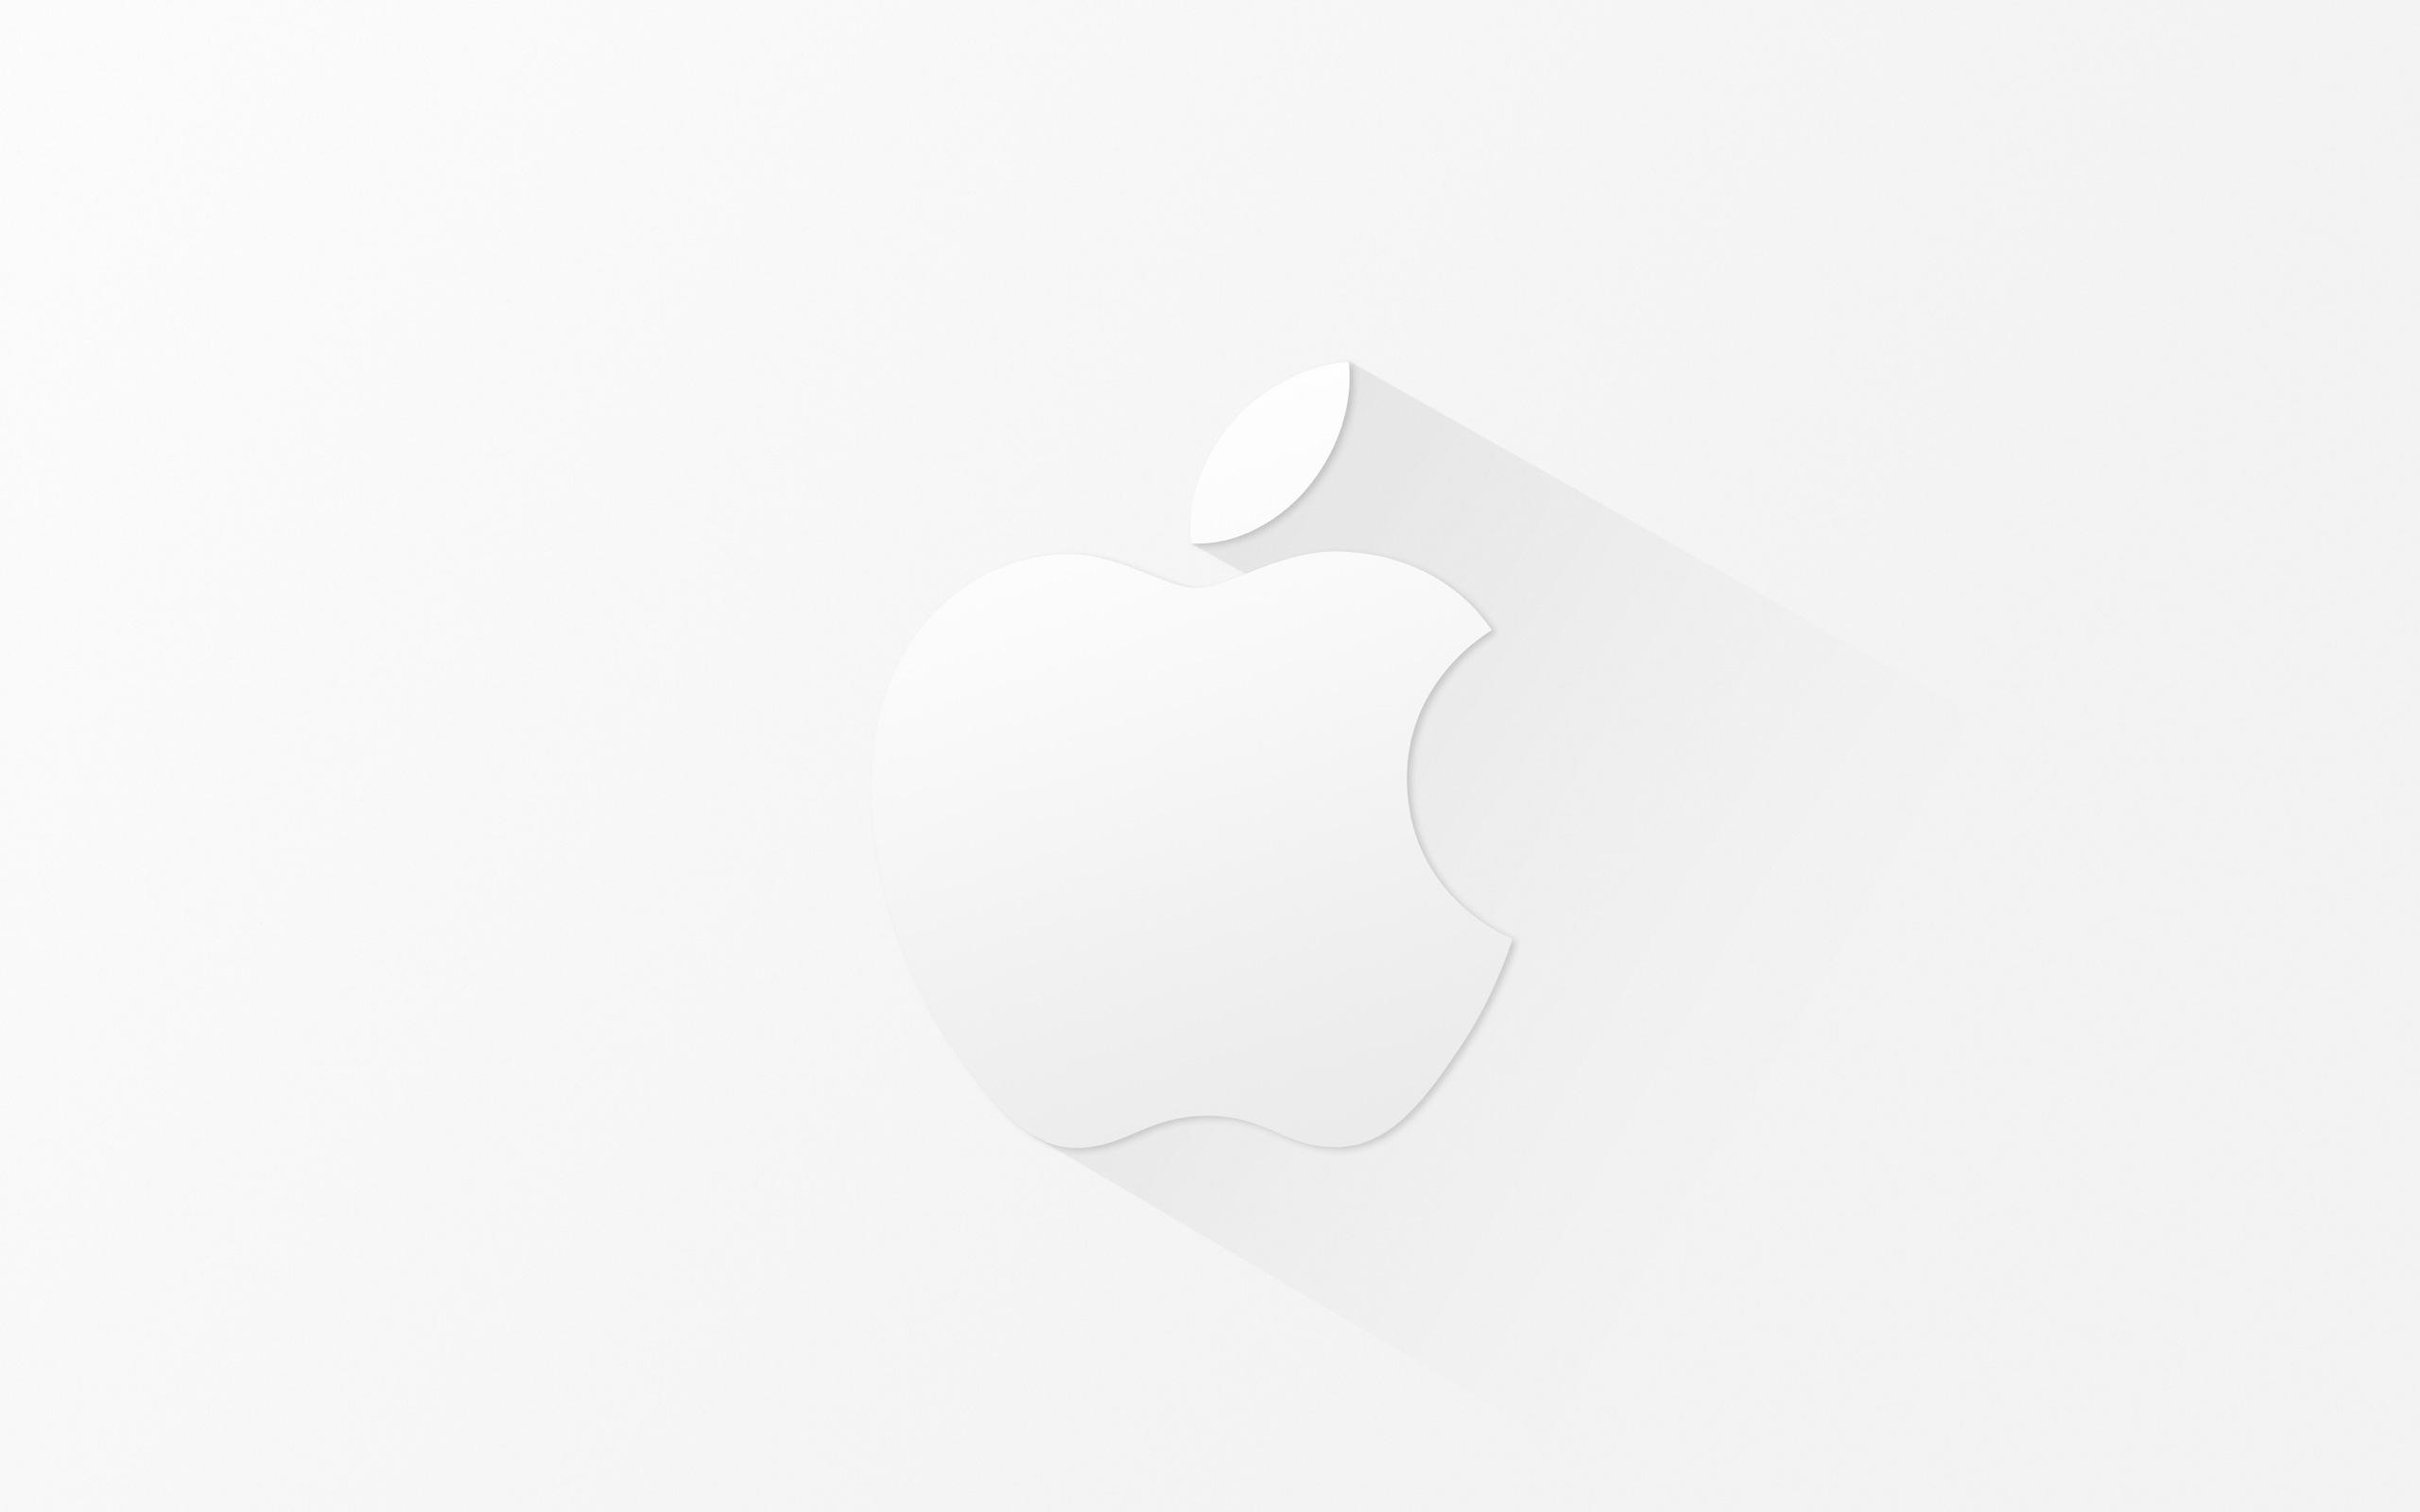 この壁紙の対応機種 MacBook Pro Retina 13inch